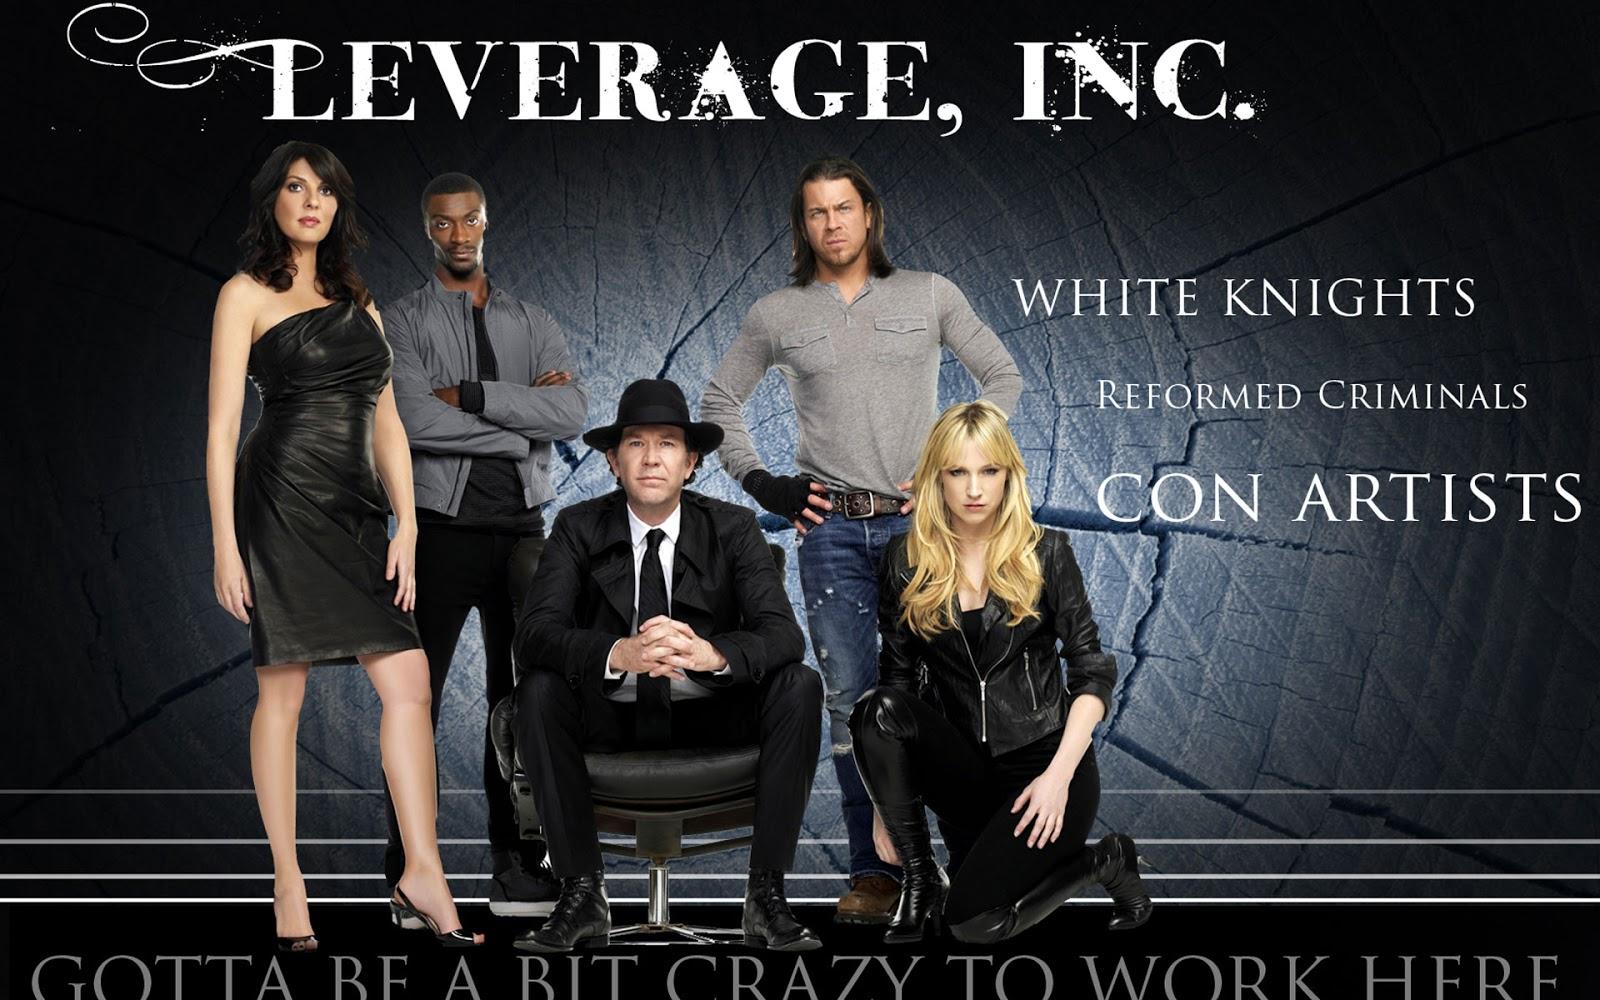 http://3.bp.blogspot.com/-VpTJUXxbLsY/UUC61TB8ZTI/AAAAAAAAAJU/SC6FkKvSyi0/s1600/leverage_team_wallpaper.jpg